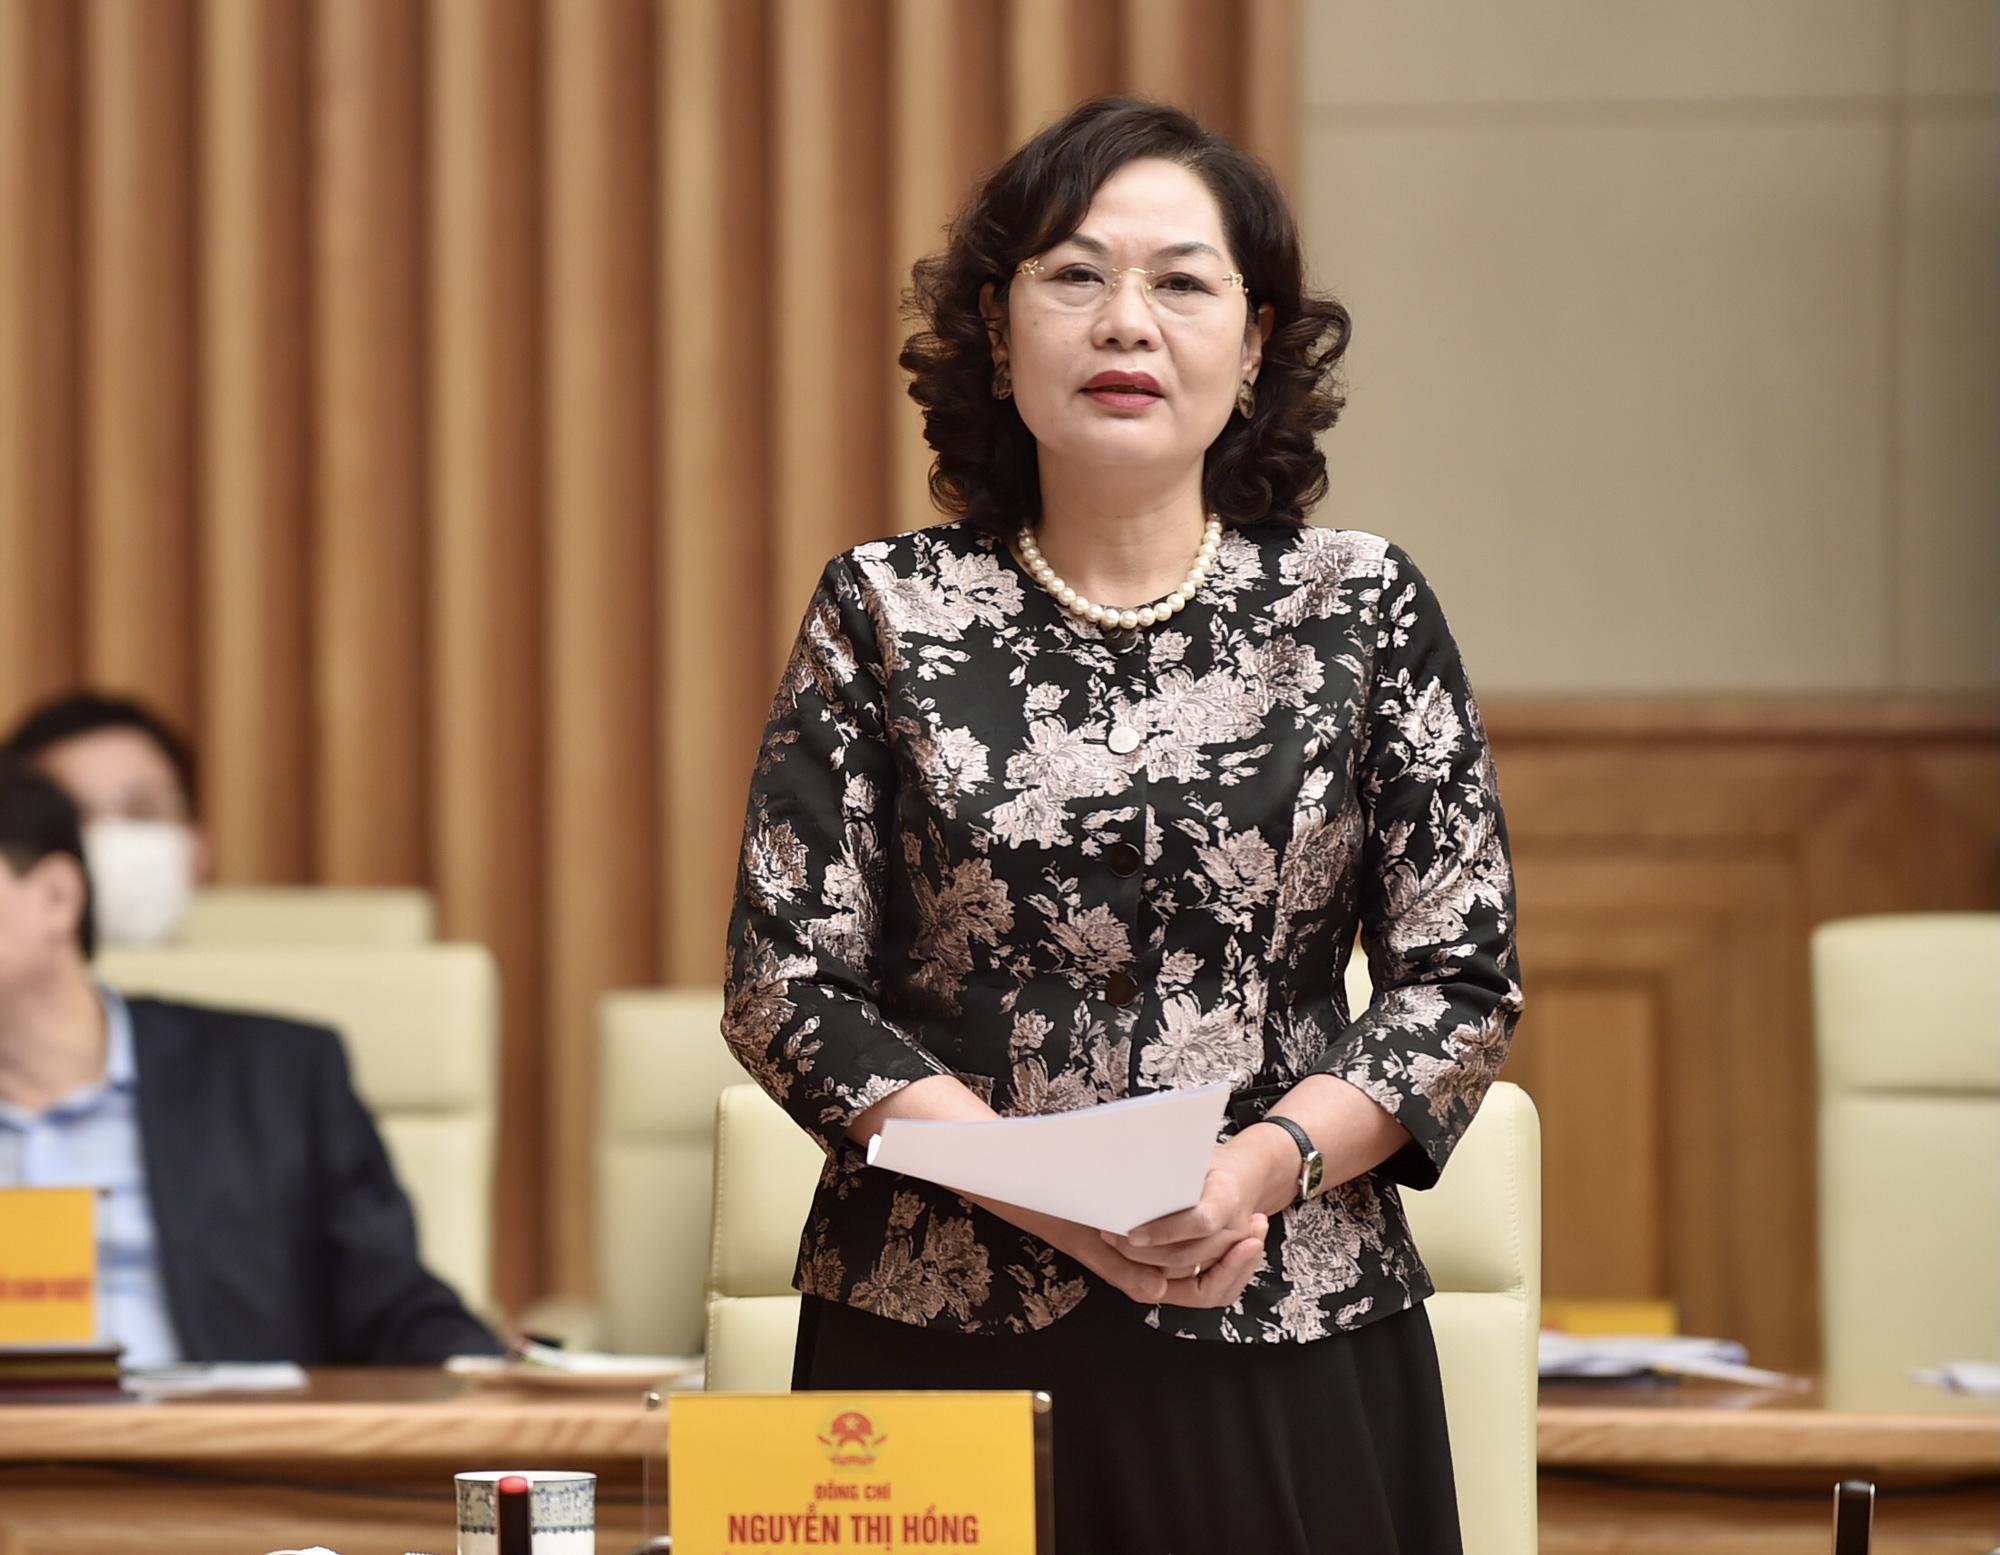 Áp lực điều hành, Thống đốc Nguyễn Thị Hồng đề nghị DN chia sẻ với ngành ngân hàng - Ảnh 1.